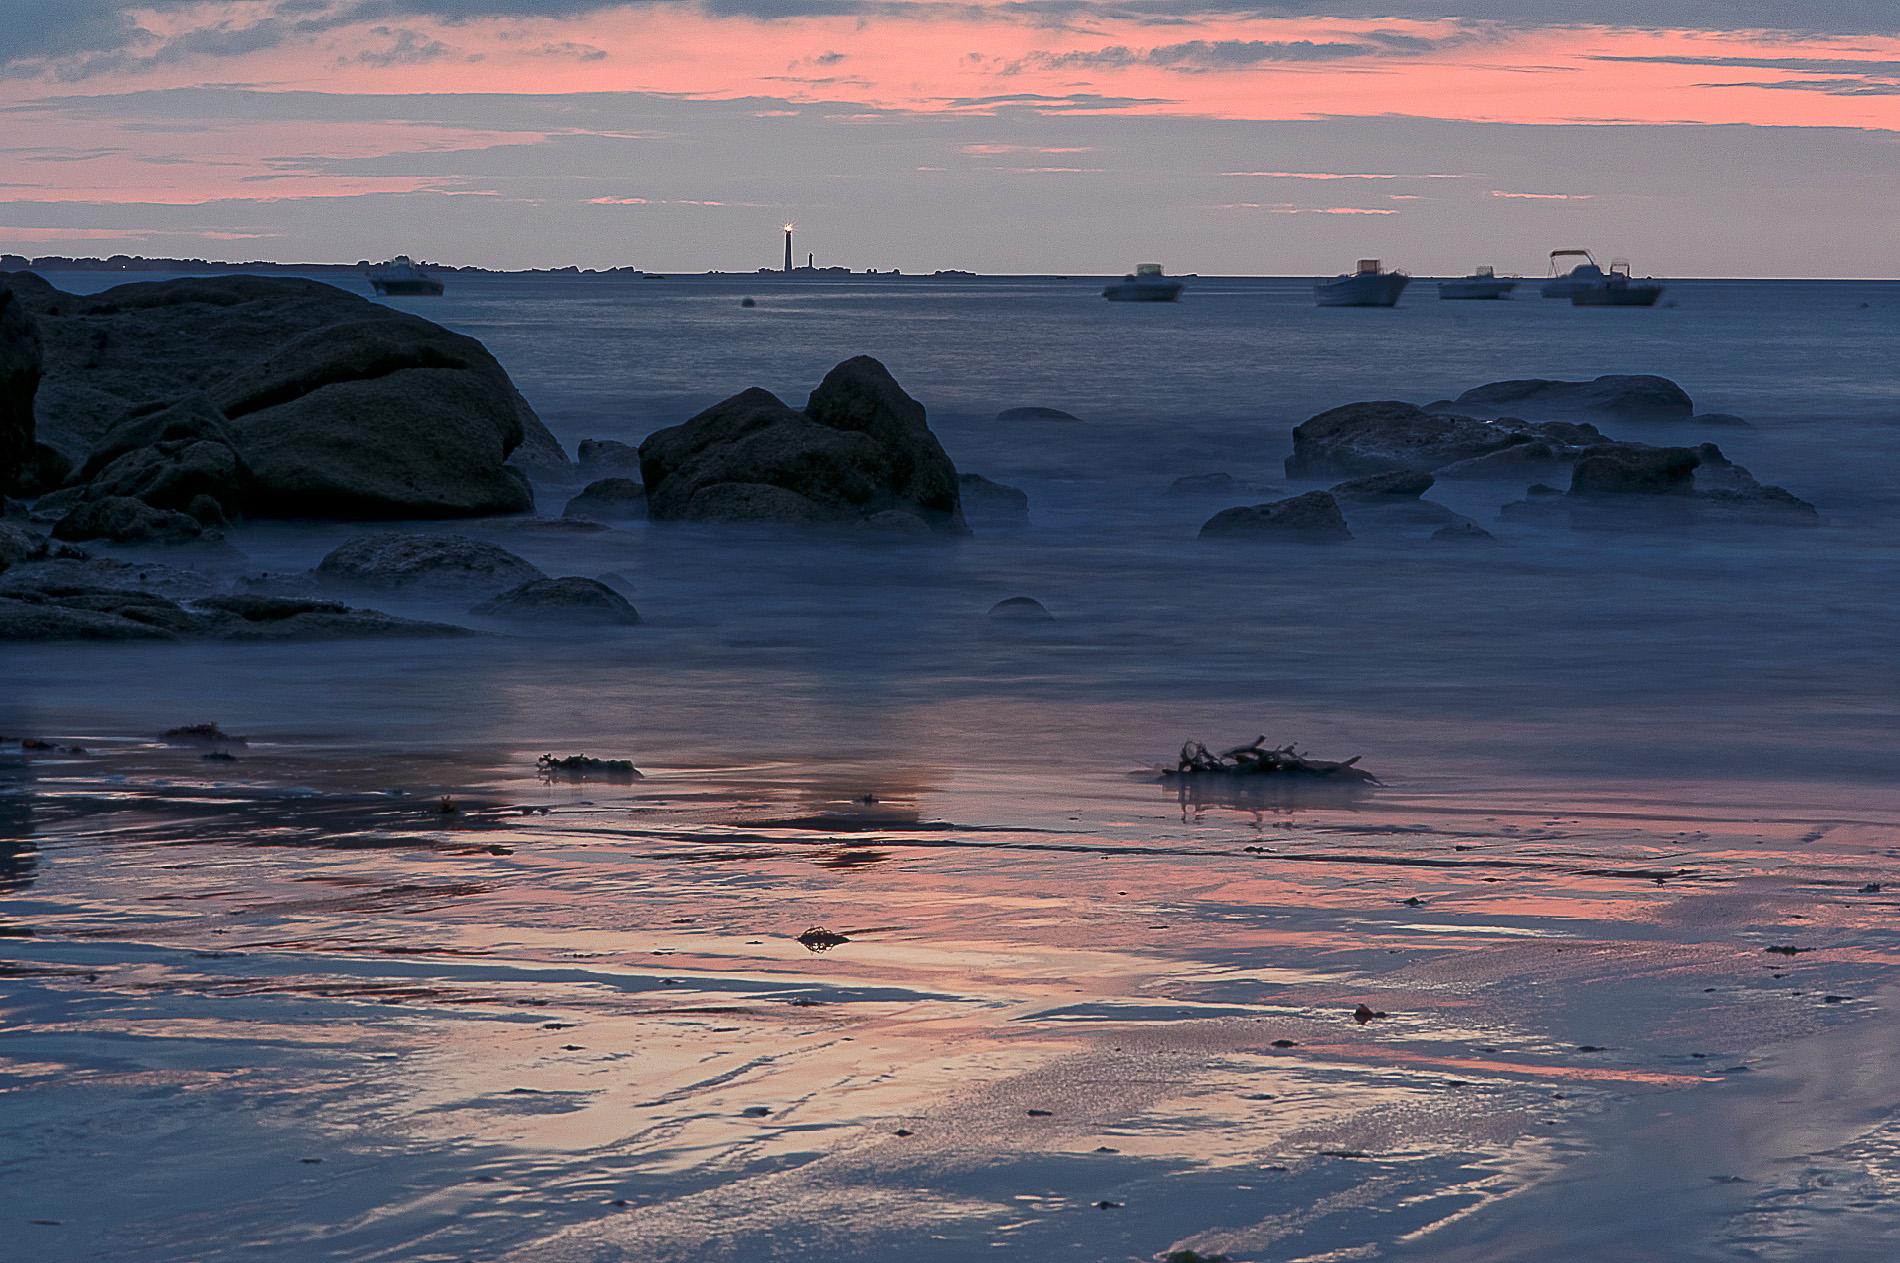 coucher de soleil en pose longue face à l'île Vierge, à Niez Vran, Guissény, Bretagne, Finistère